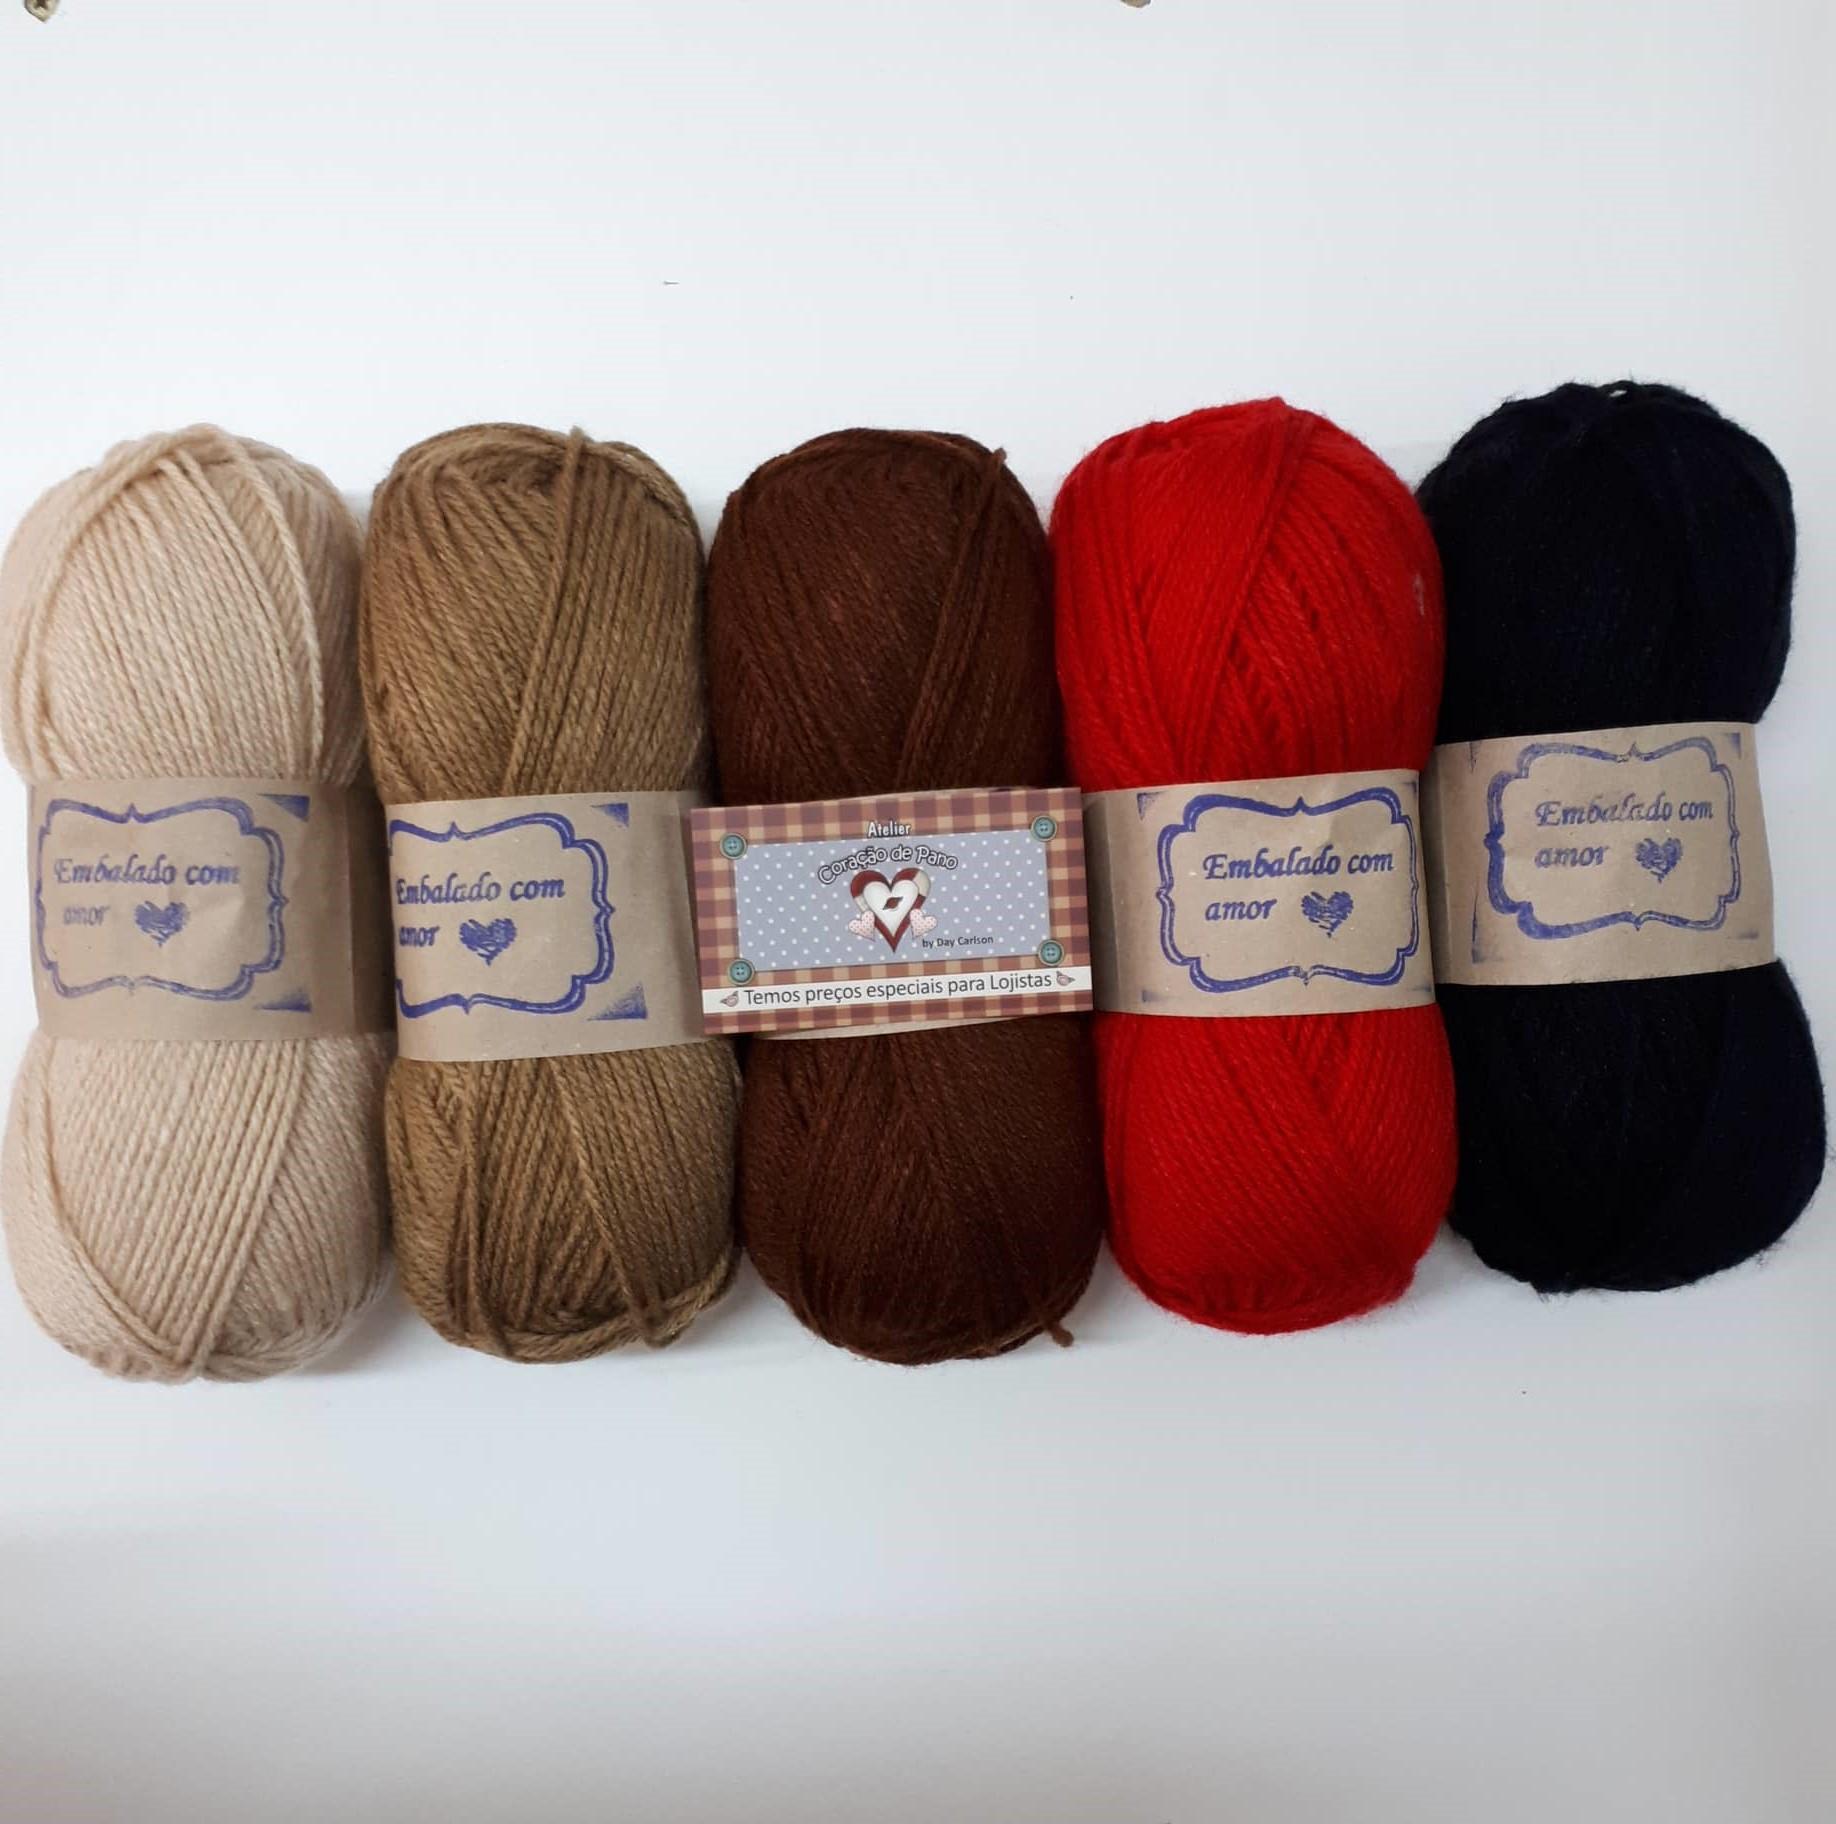 Lã Multiuso - 5 novelos de lã - 100gr cada (5cores)